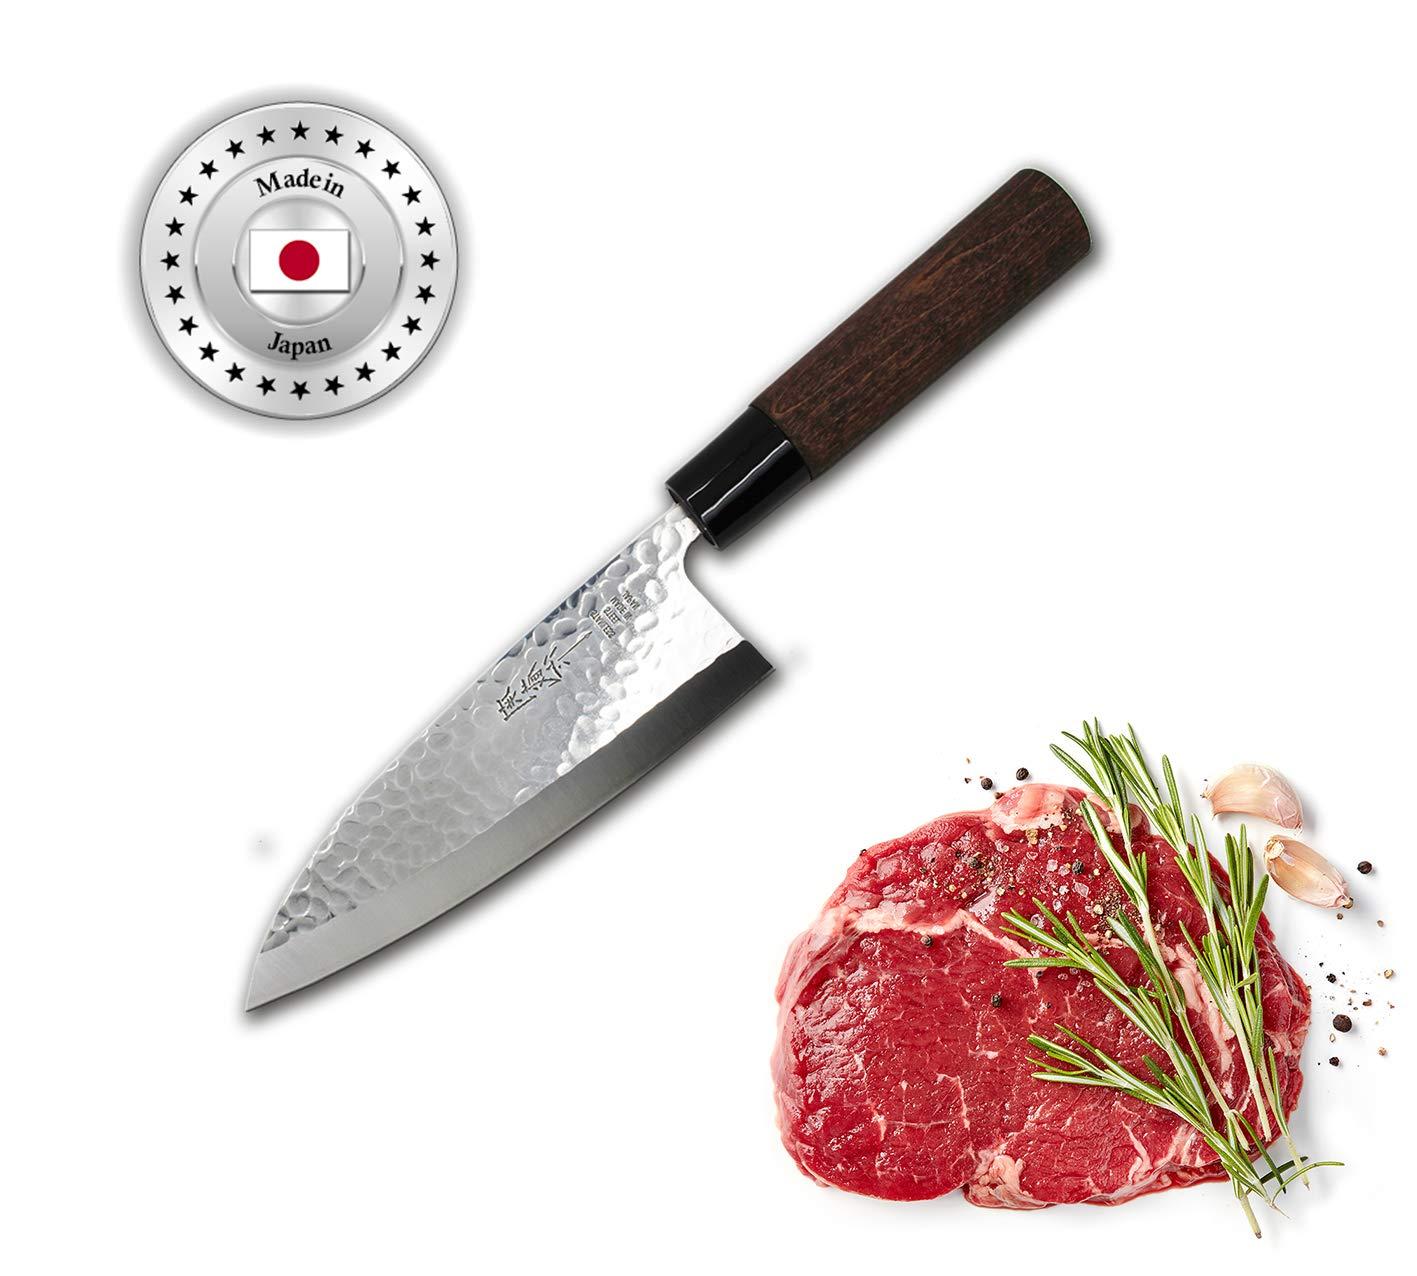 cuchillos de japon afilar chef cocina Deba japones